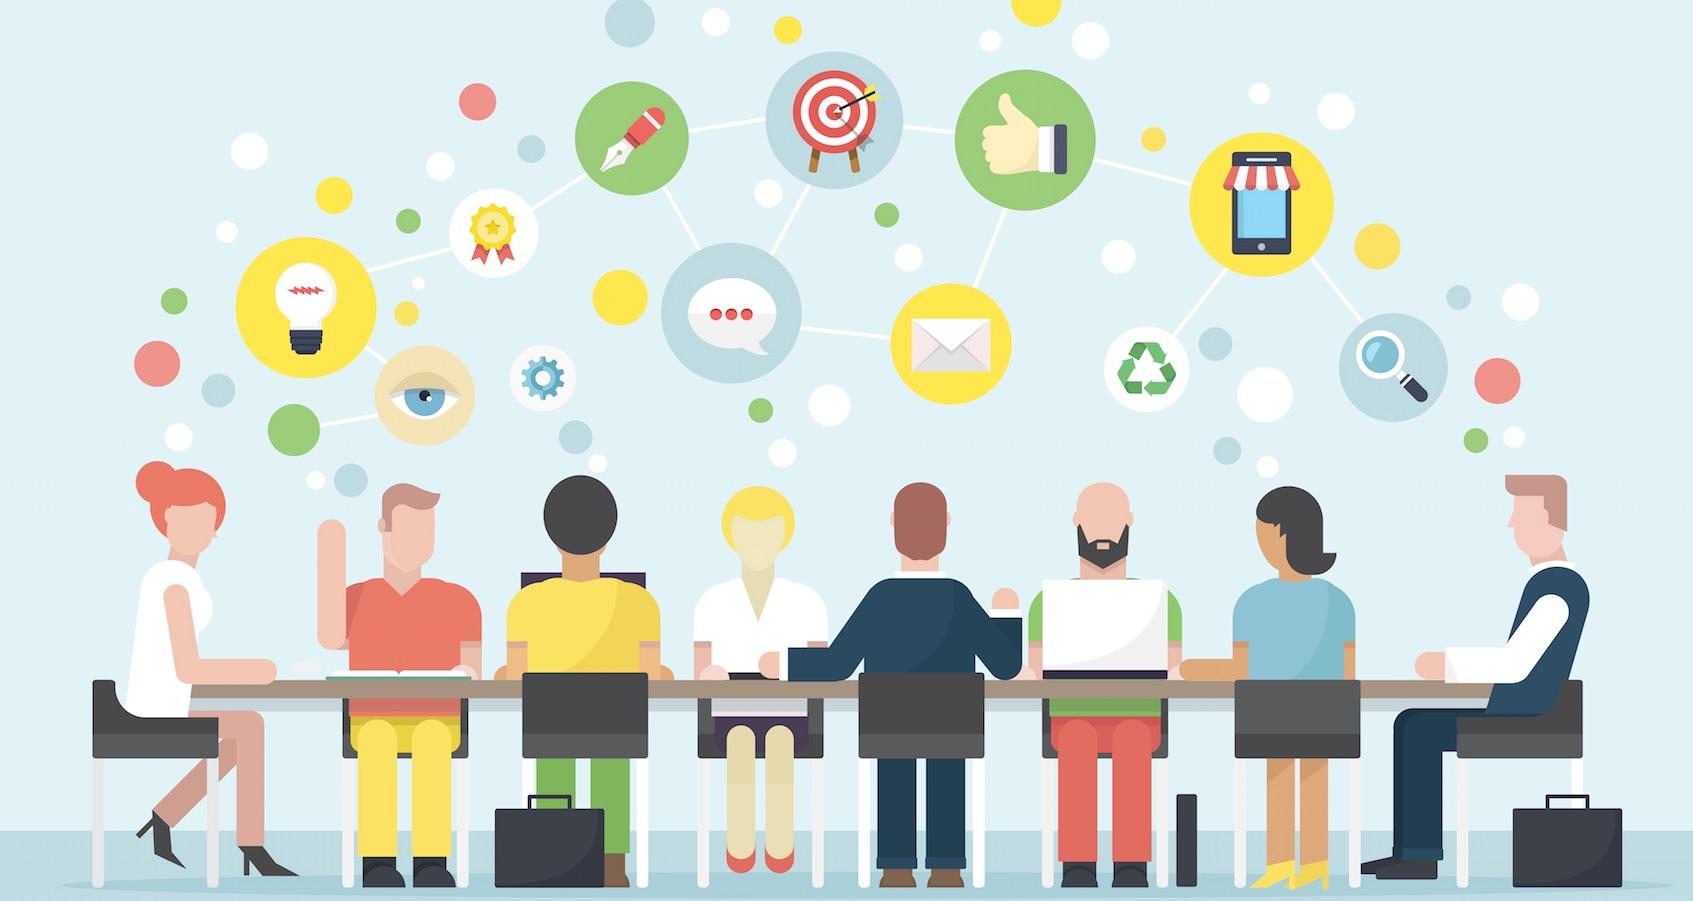 ۸ راه که جلسات خسته کننده را به یک جلسه موفق تبدیل کنیم